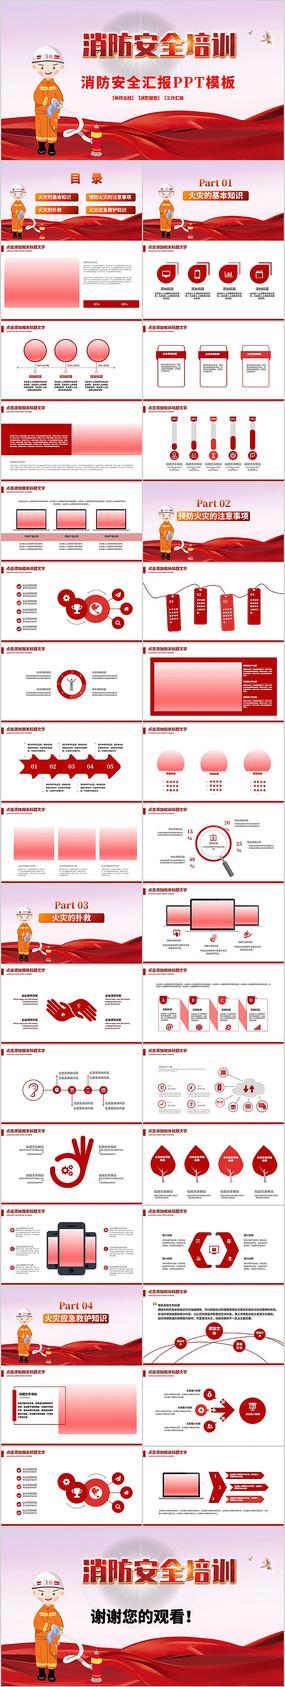 消防安全知识培训宣传PPT模板